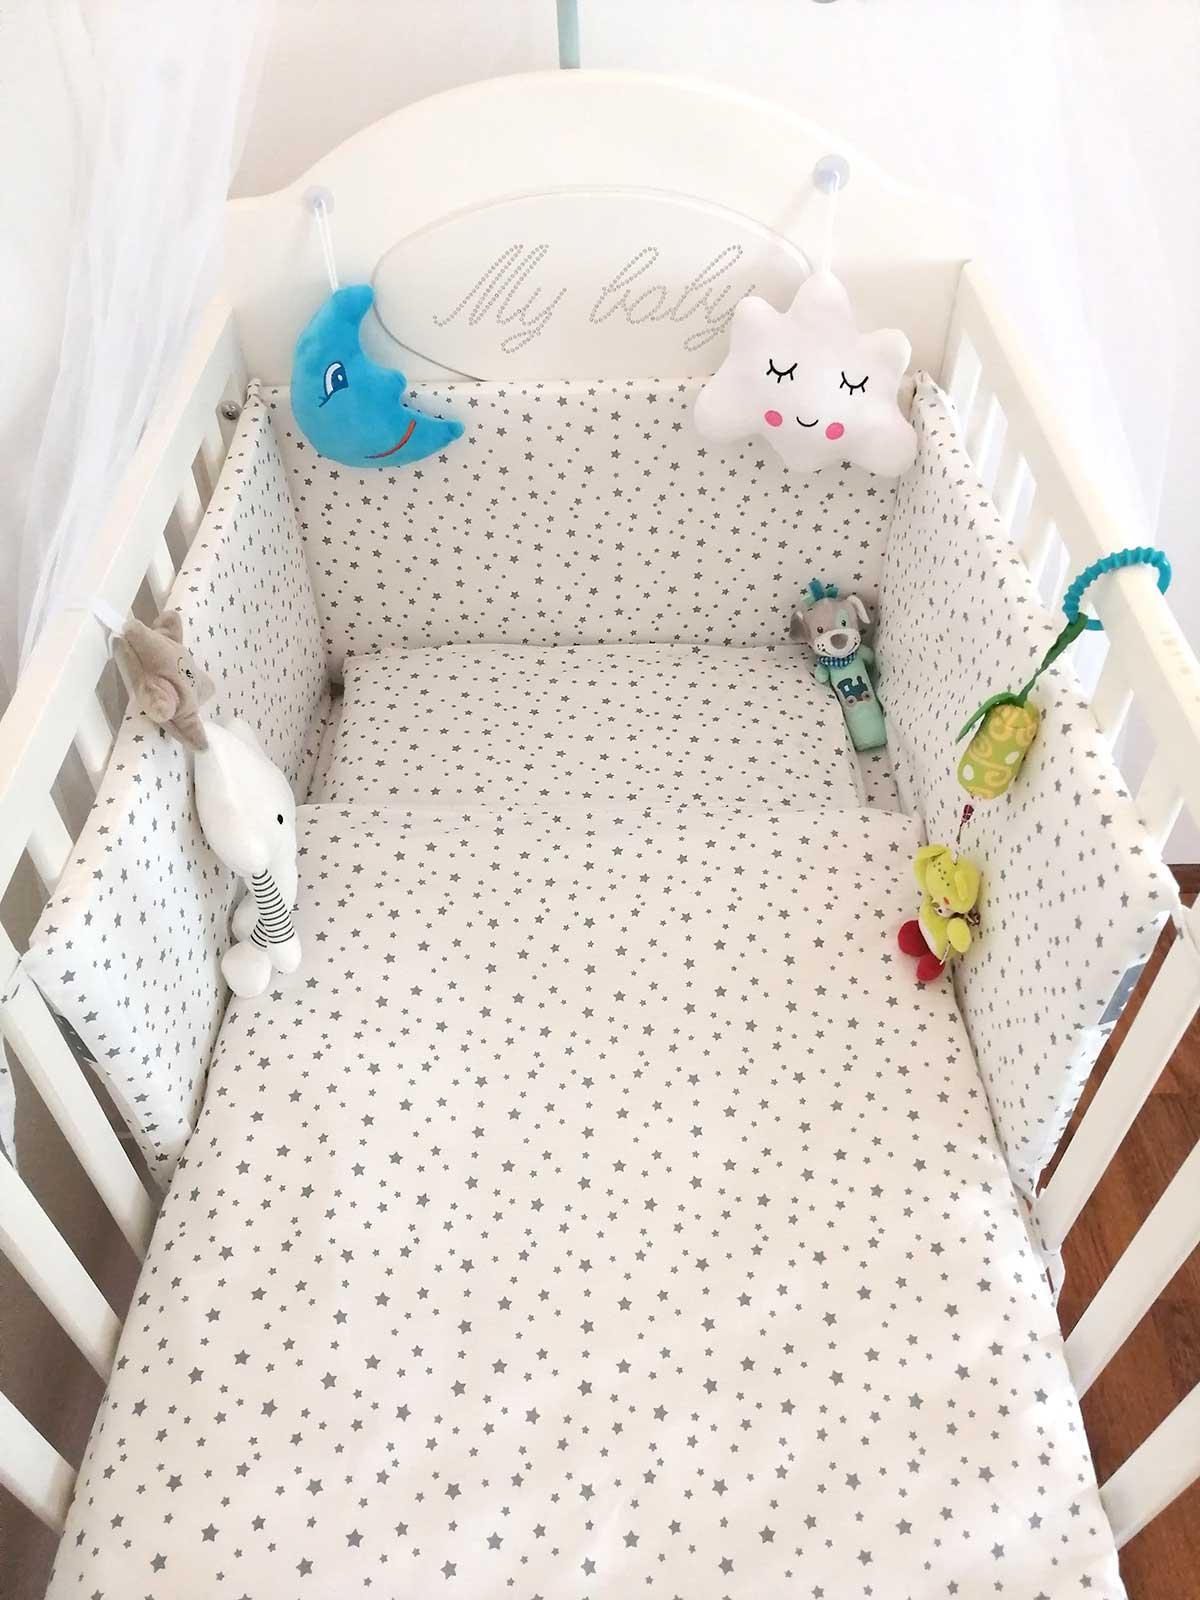 Dječja baby posteljina, plahta, ogradica, set, baldahin, jastuk Luma shop